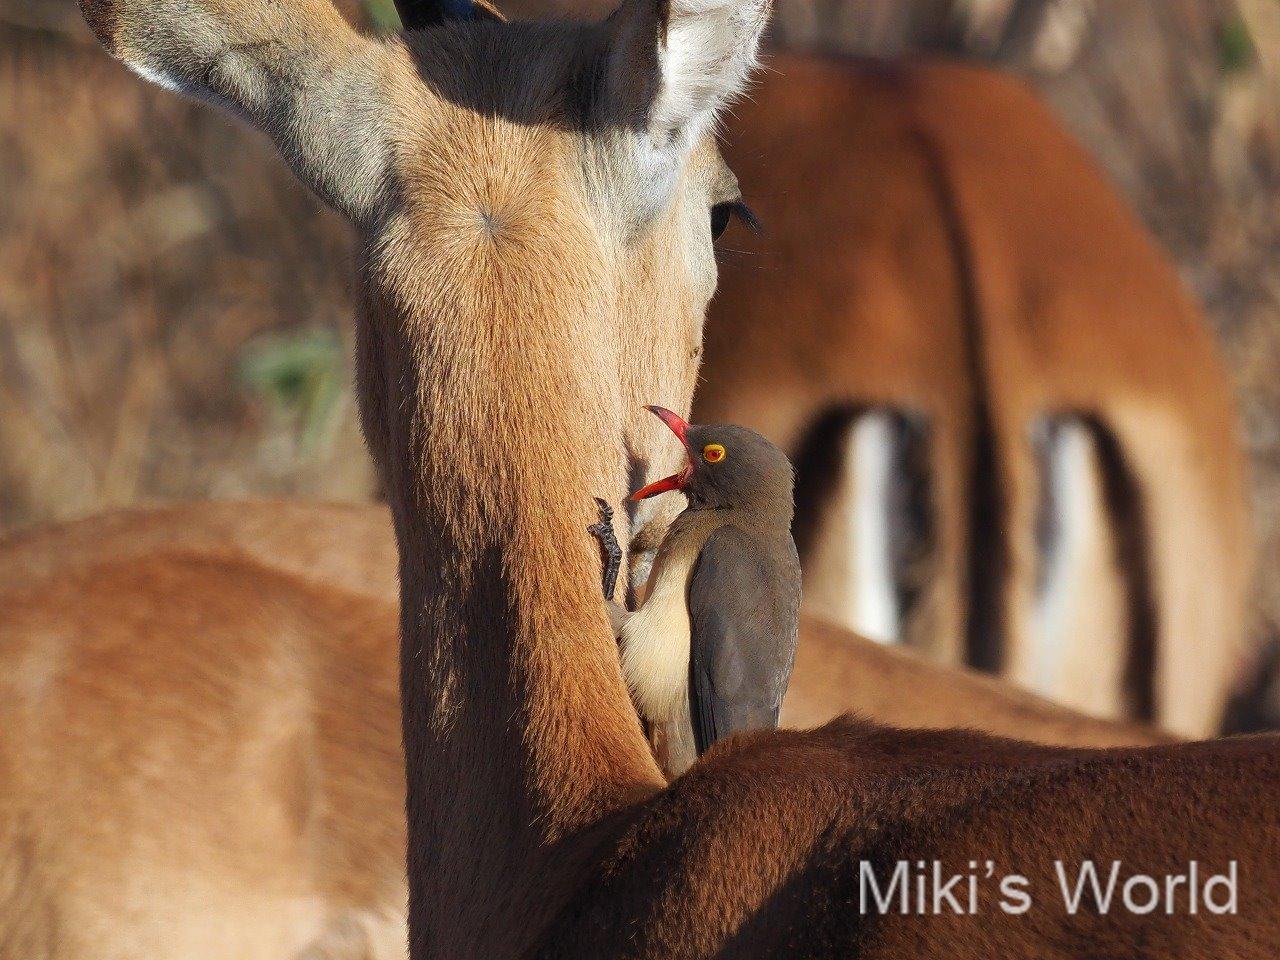 ブログ写真集 南部タンザニア ルアハ国立公園 ミクミ国立公園 セルー猟銃保護区